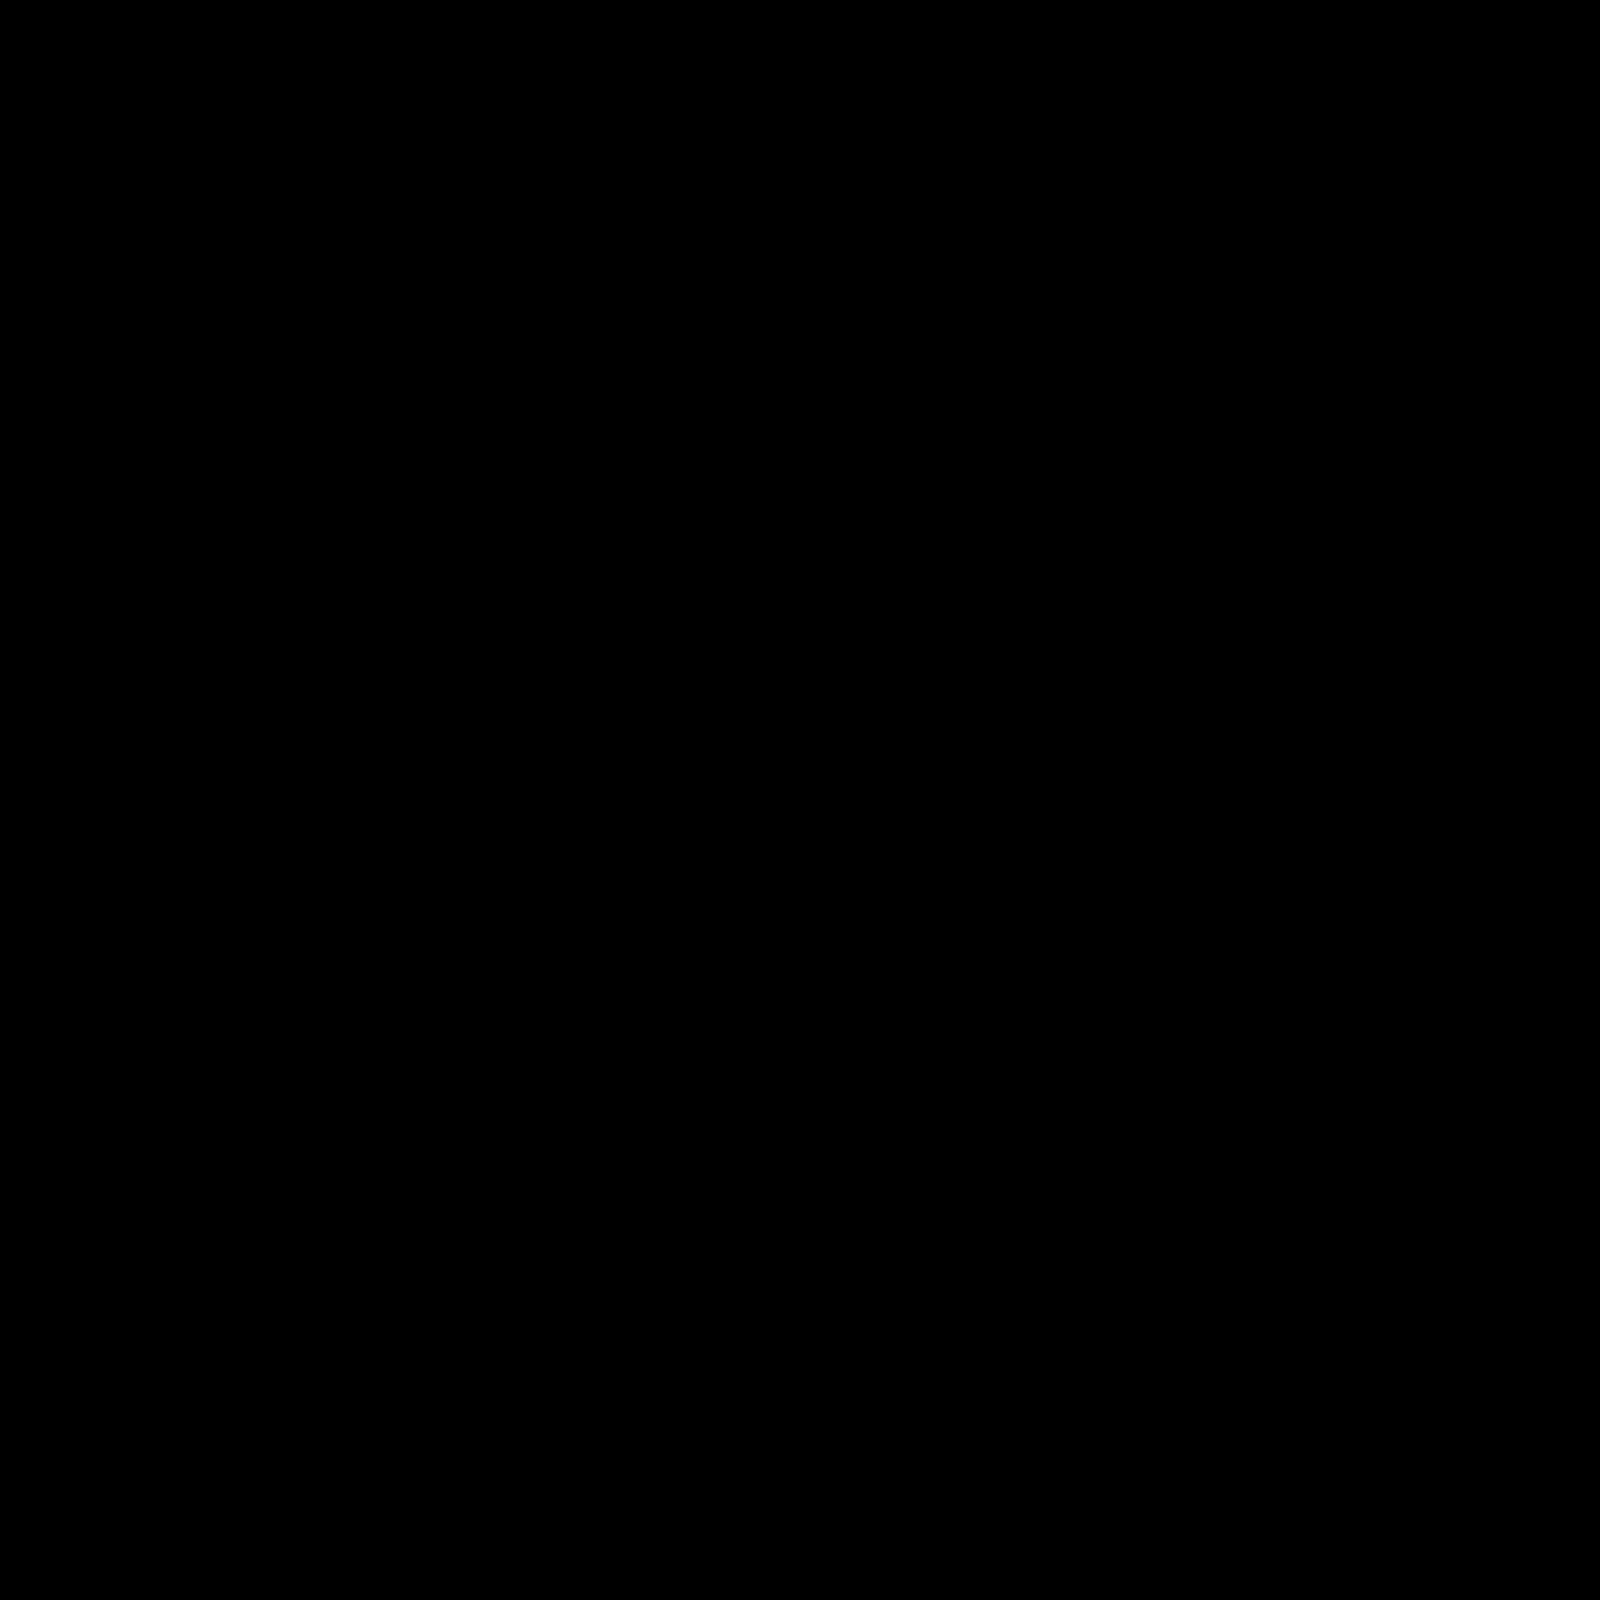 班级 icon. This is an icon representing a class. There is a rectangular chalkboard with a line graph that is increasing. There is a chalkboard eraser and a wide rectangular base underneath.